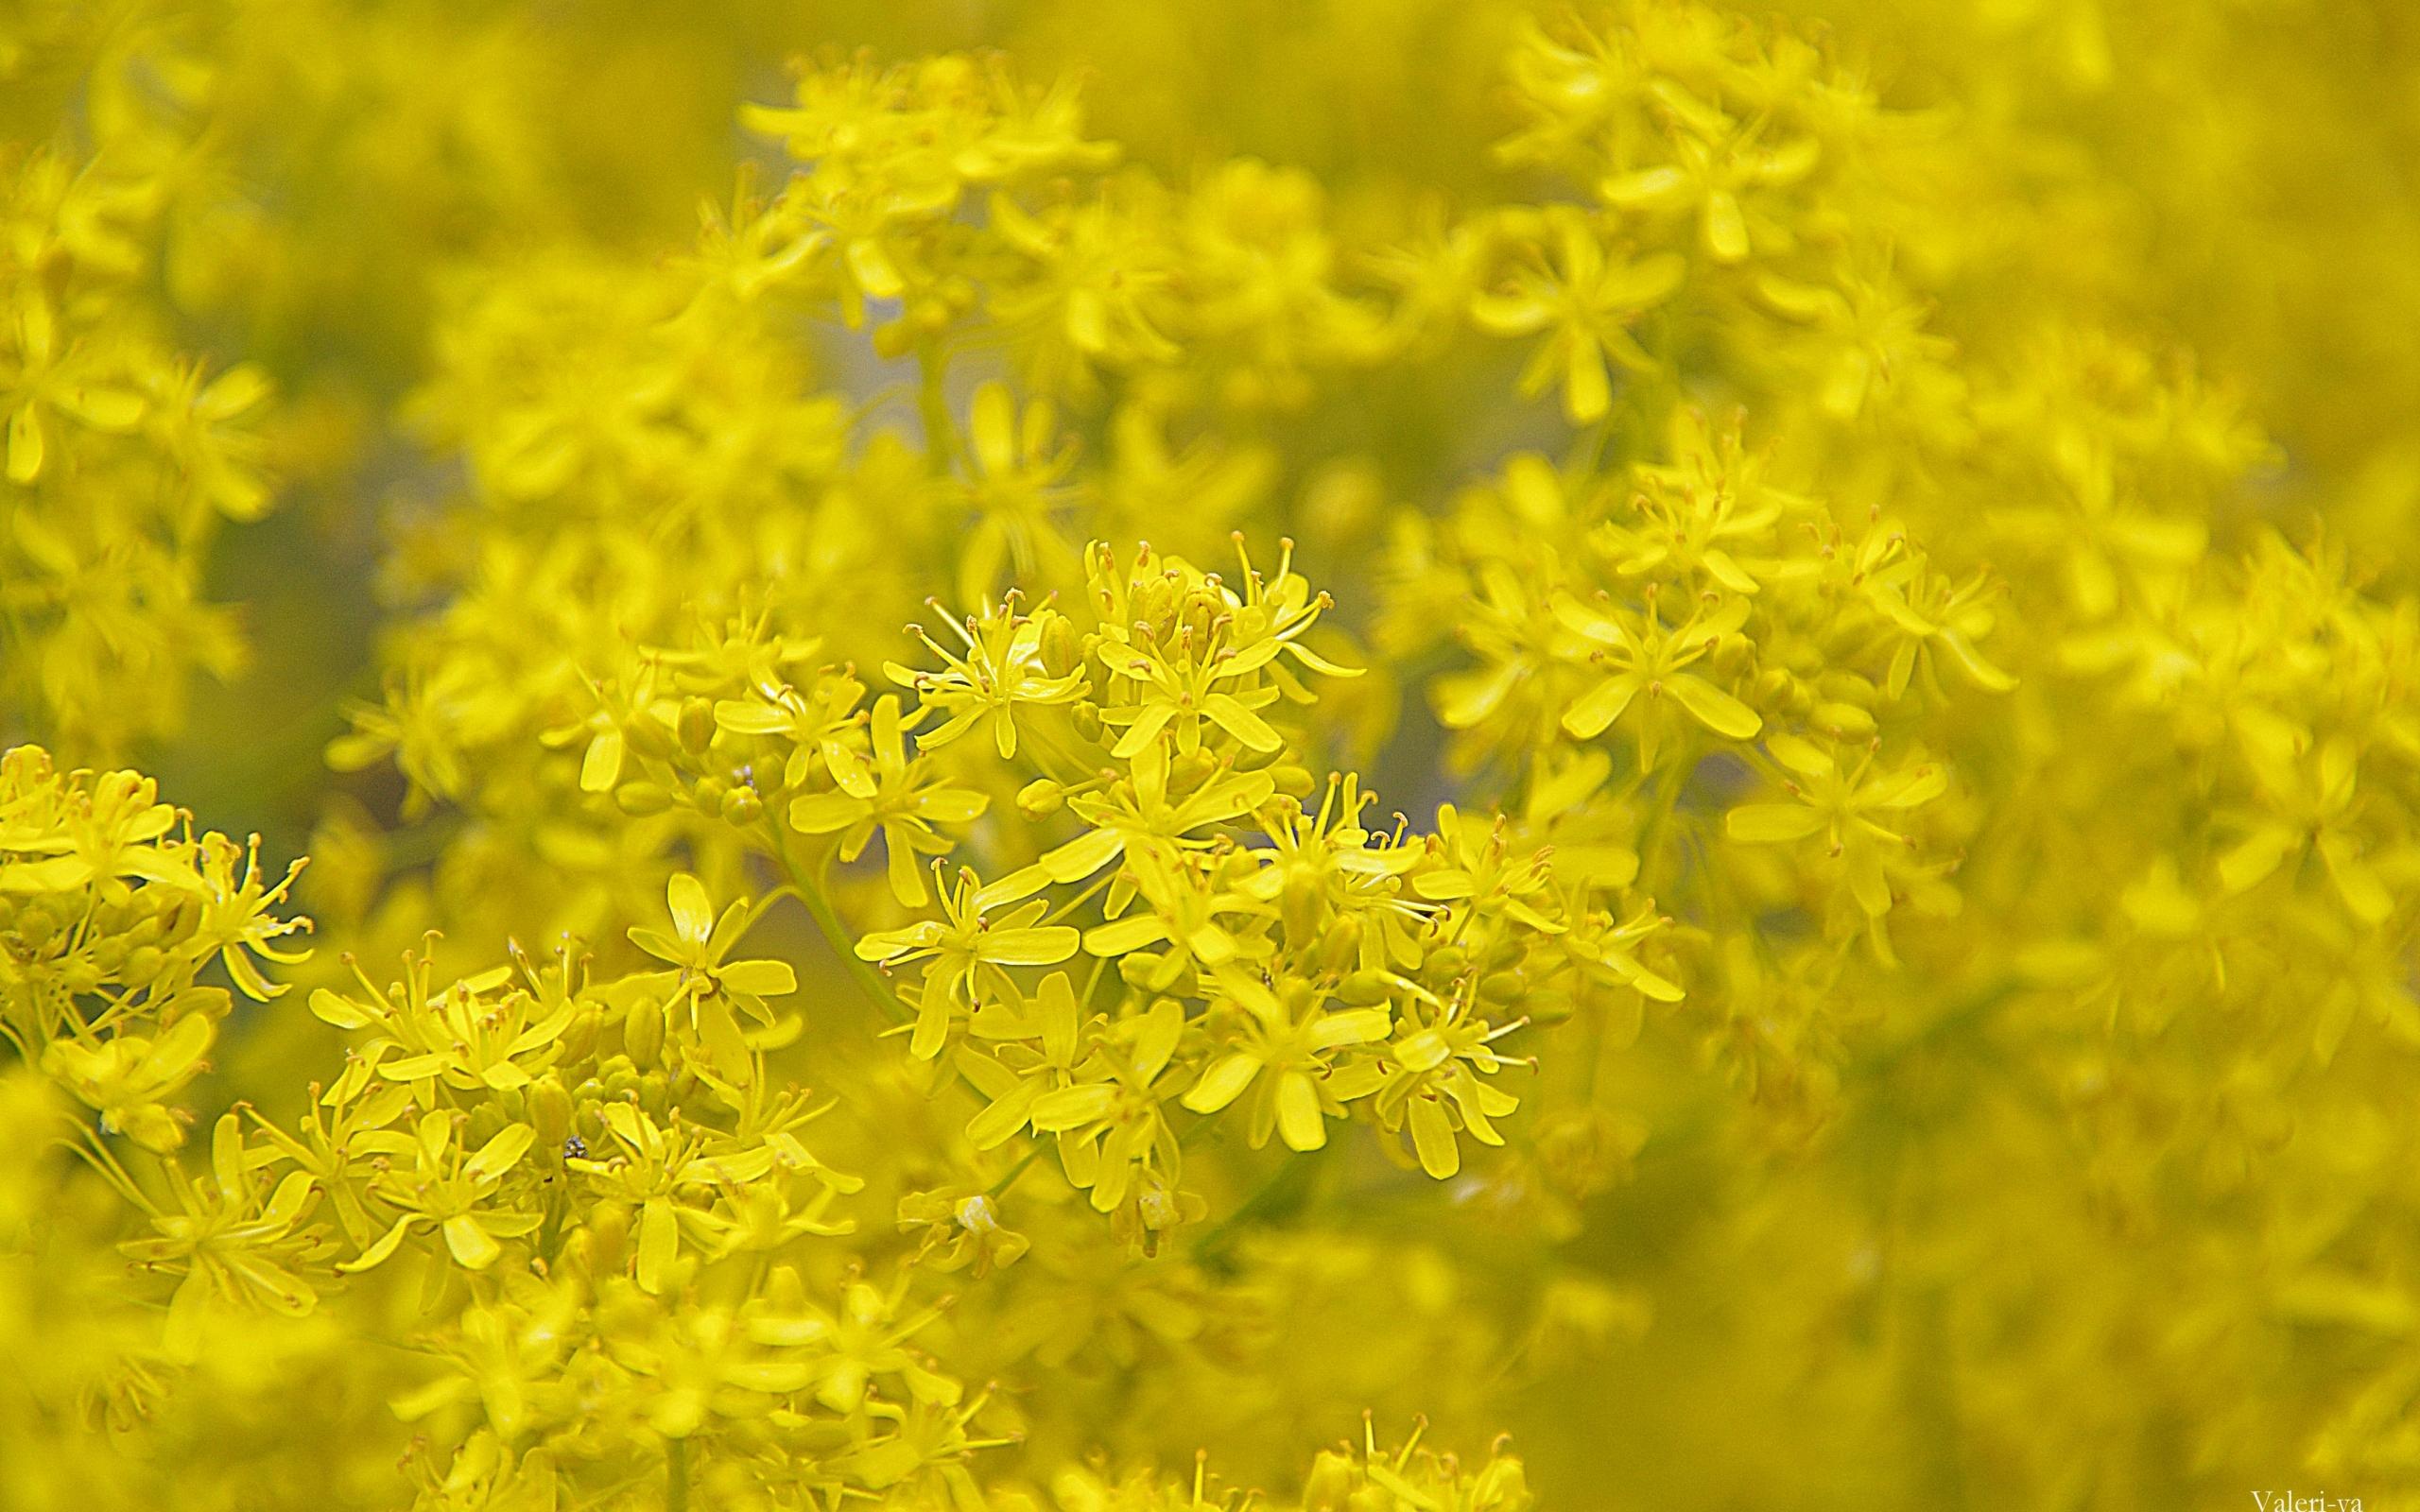 Скачать картинку Фон, Растения, Цветы в телефон бесплатно.